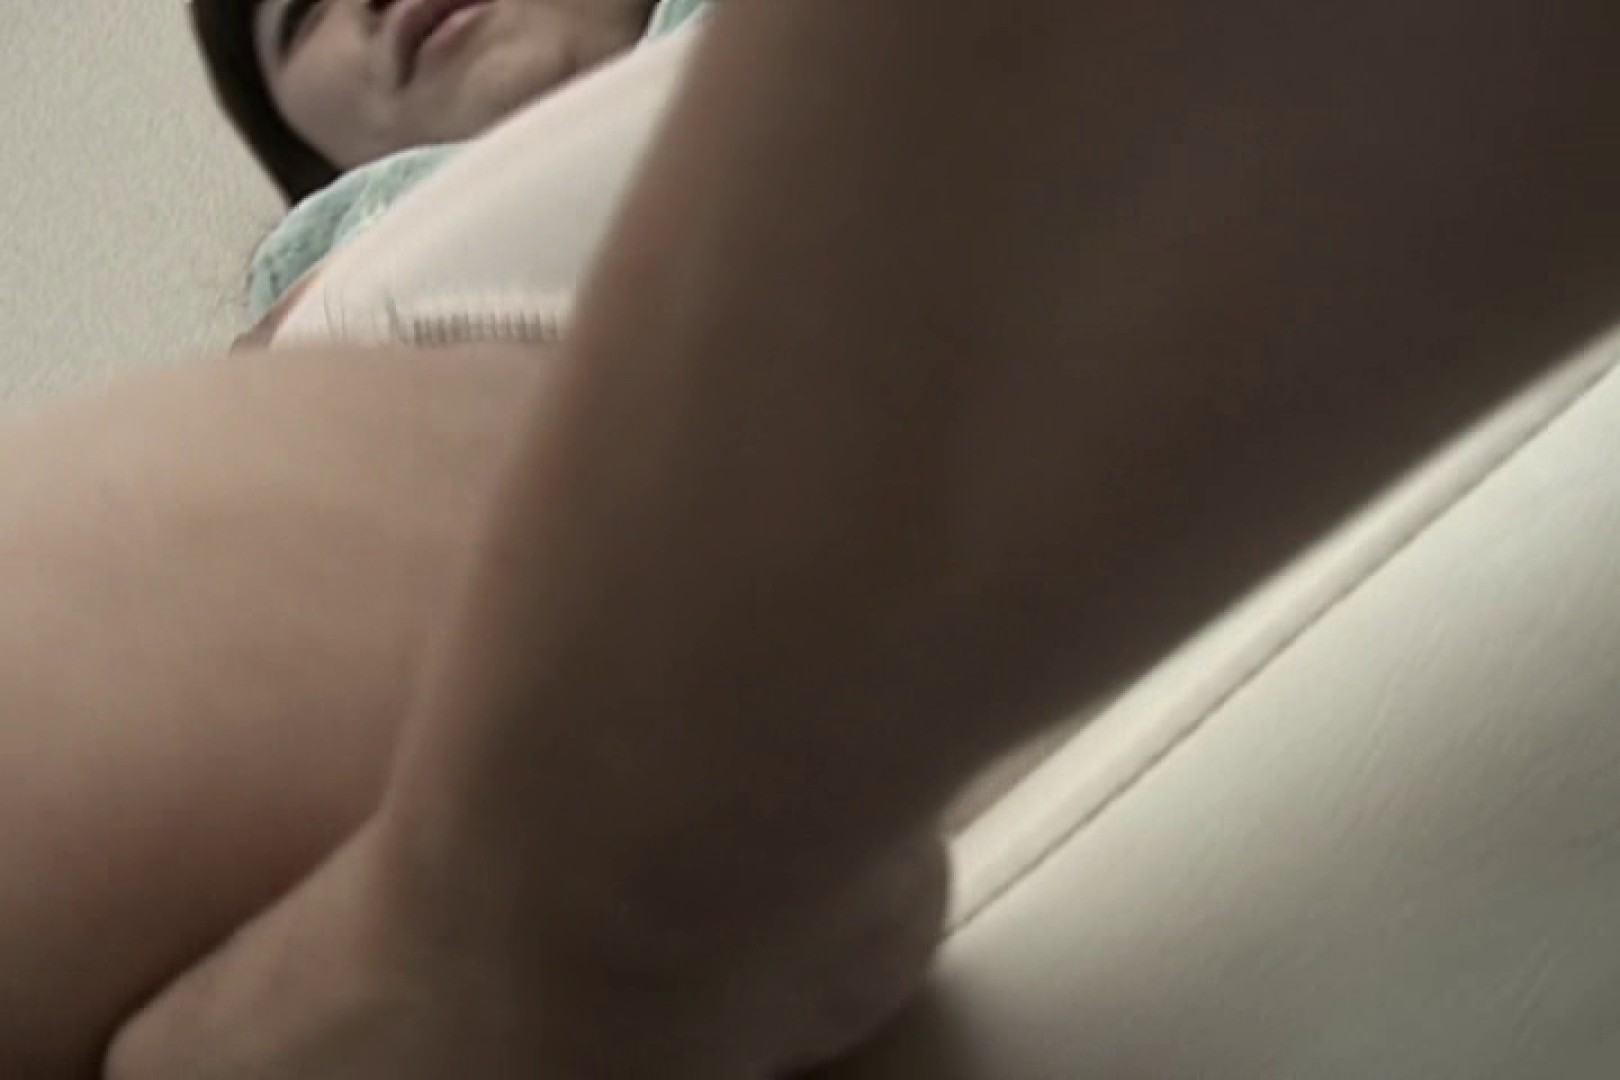 未婚の熟女、だれか慰めて~米田あさみ~ ぽっちゃりギャル 濡れ場動画紹介 83pic 44